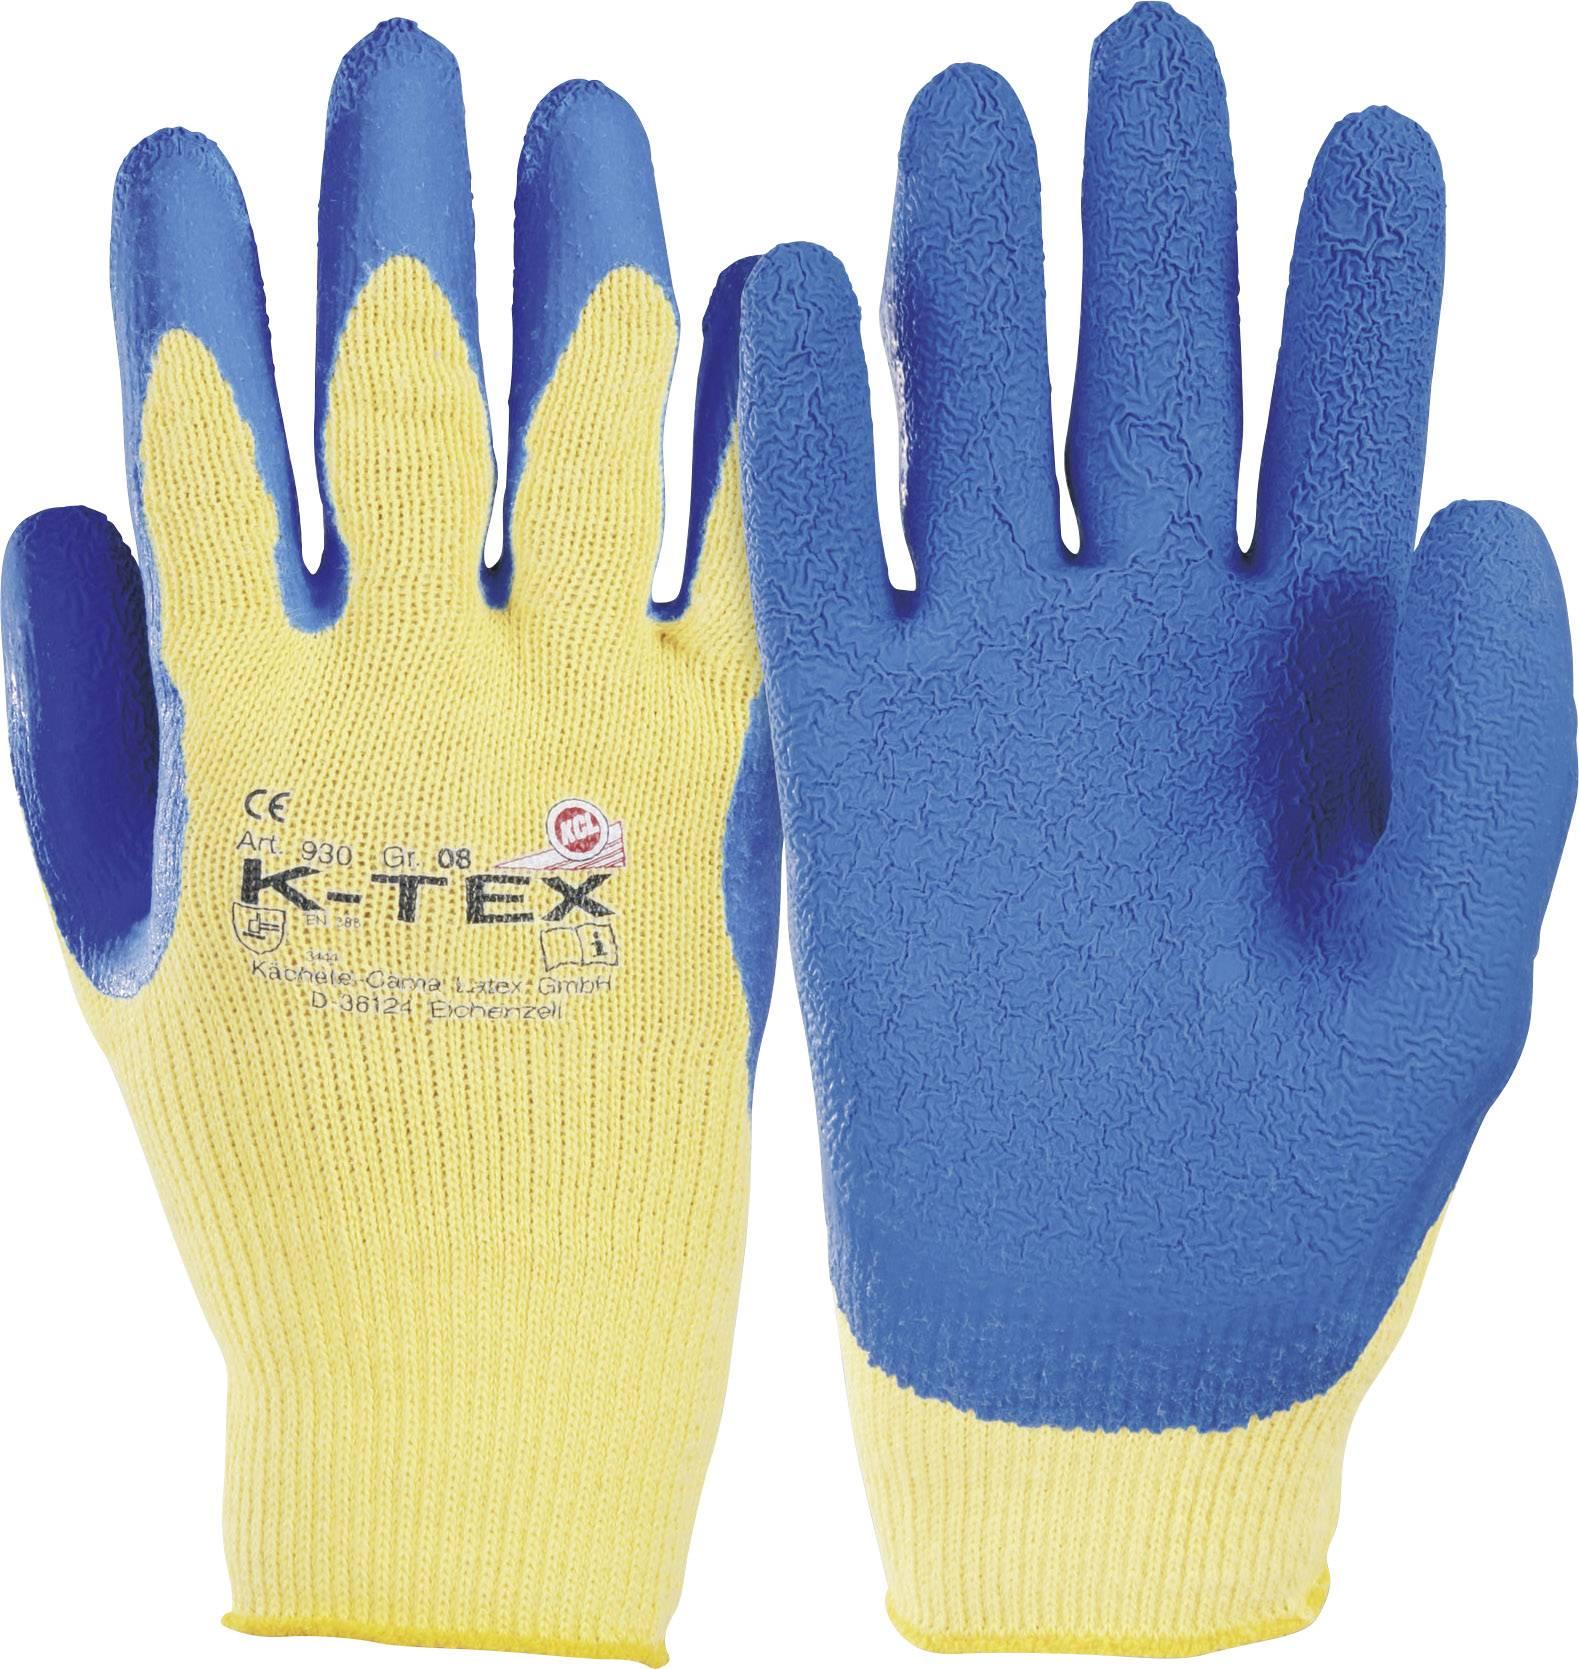 Rukavice K-TEXR z Para-Aramidového vlákna s přírodní latexovou vrtvou, velikost 10